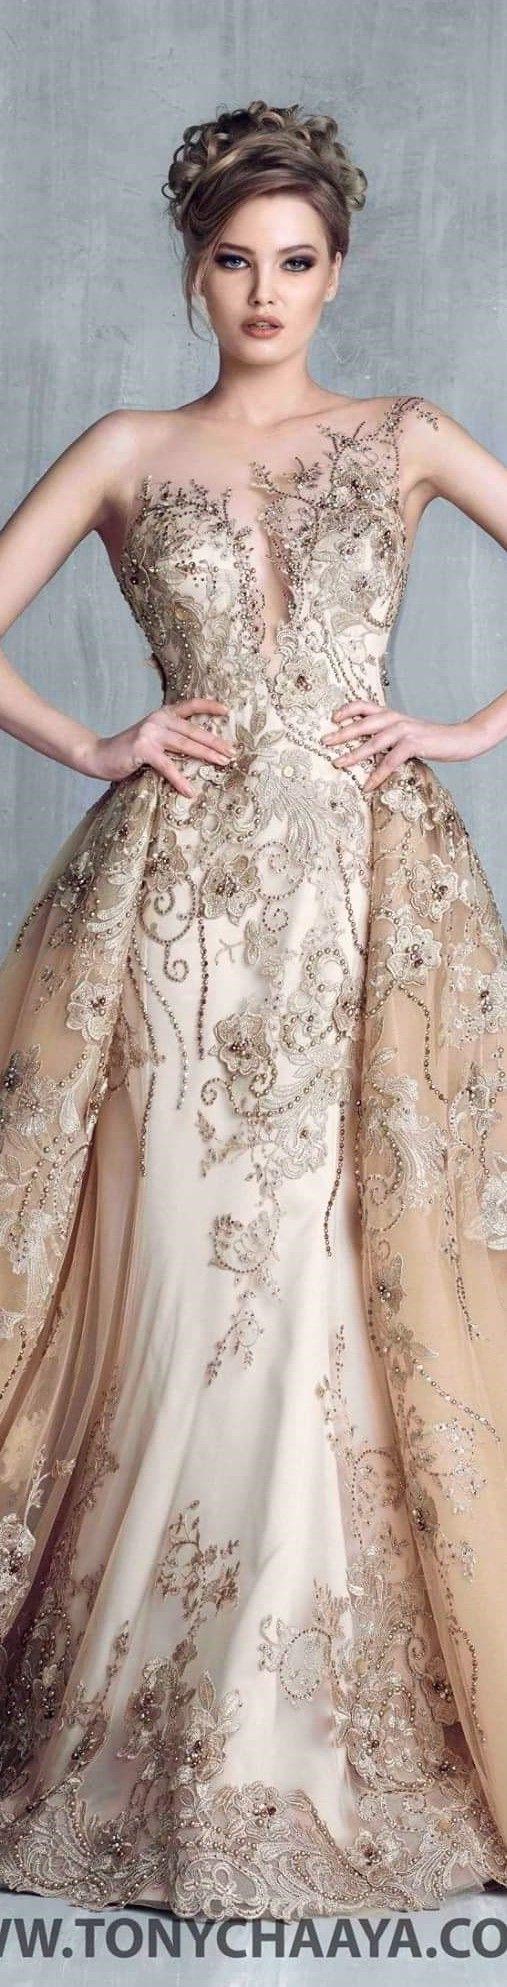 vestidos-de-noiva-coloridos-fotos-lindas